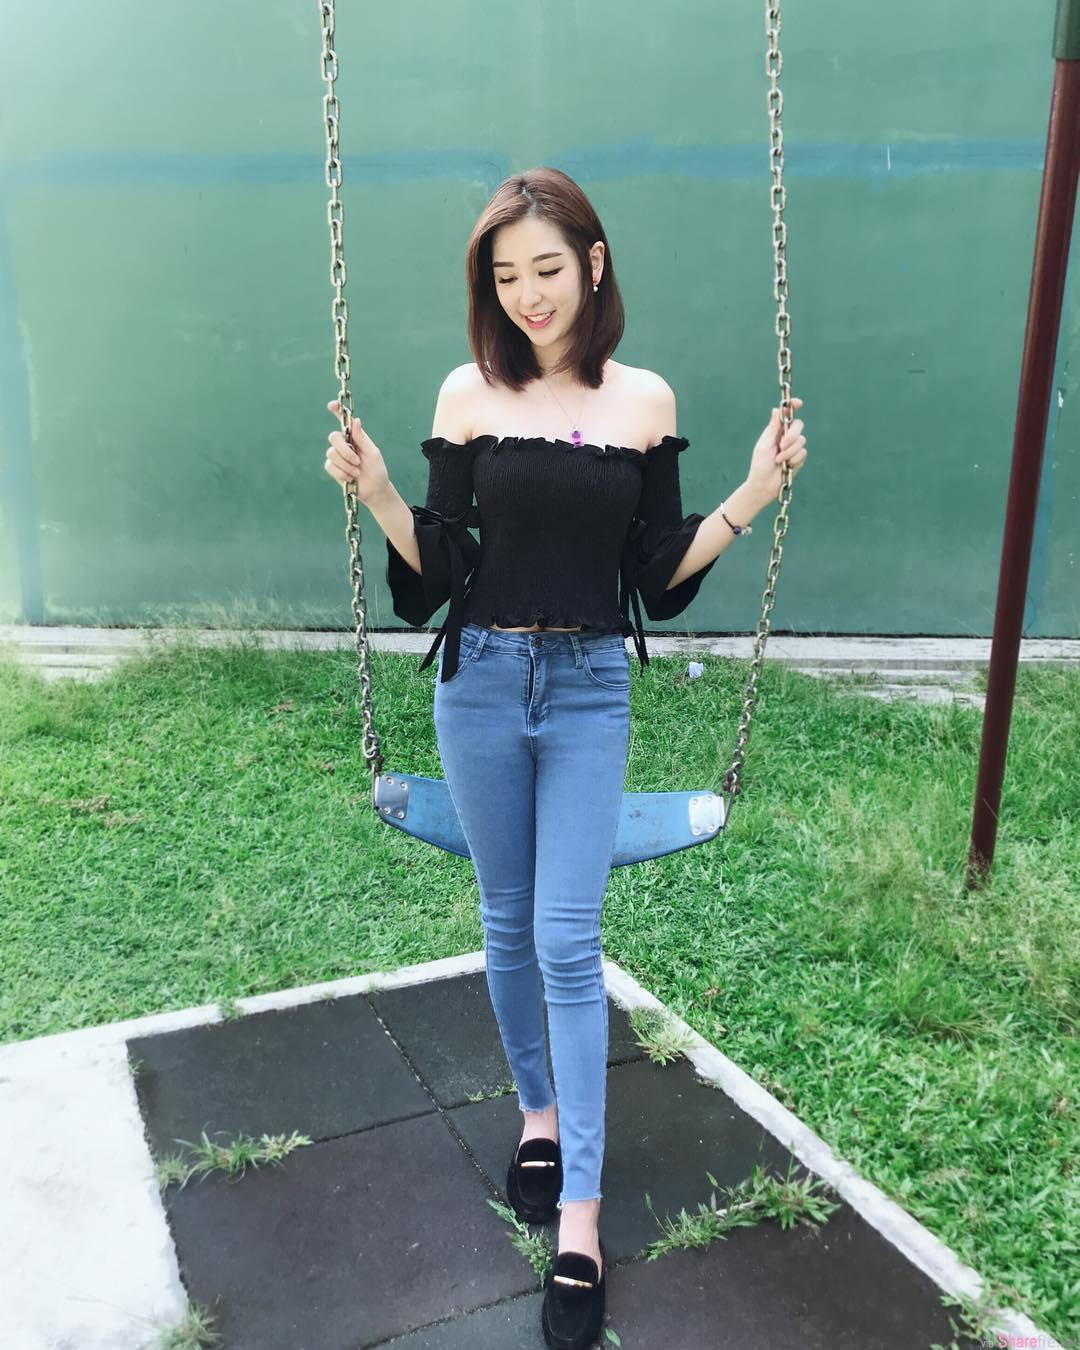 大马短髮正妹Susan  Chia,外套滑落露香肩,清新又甜美